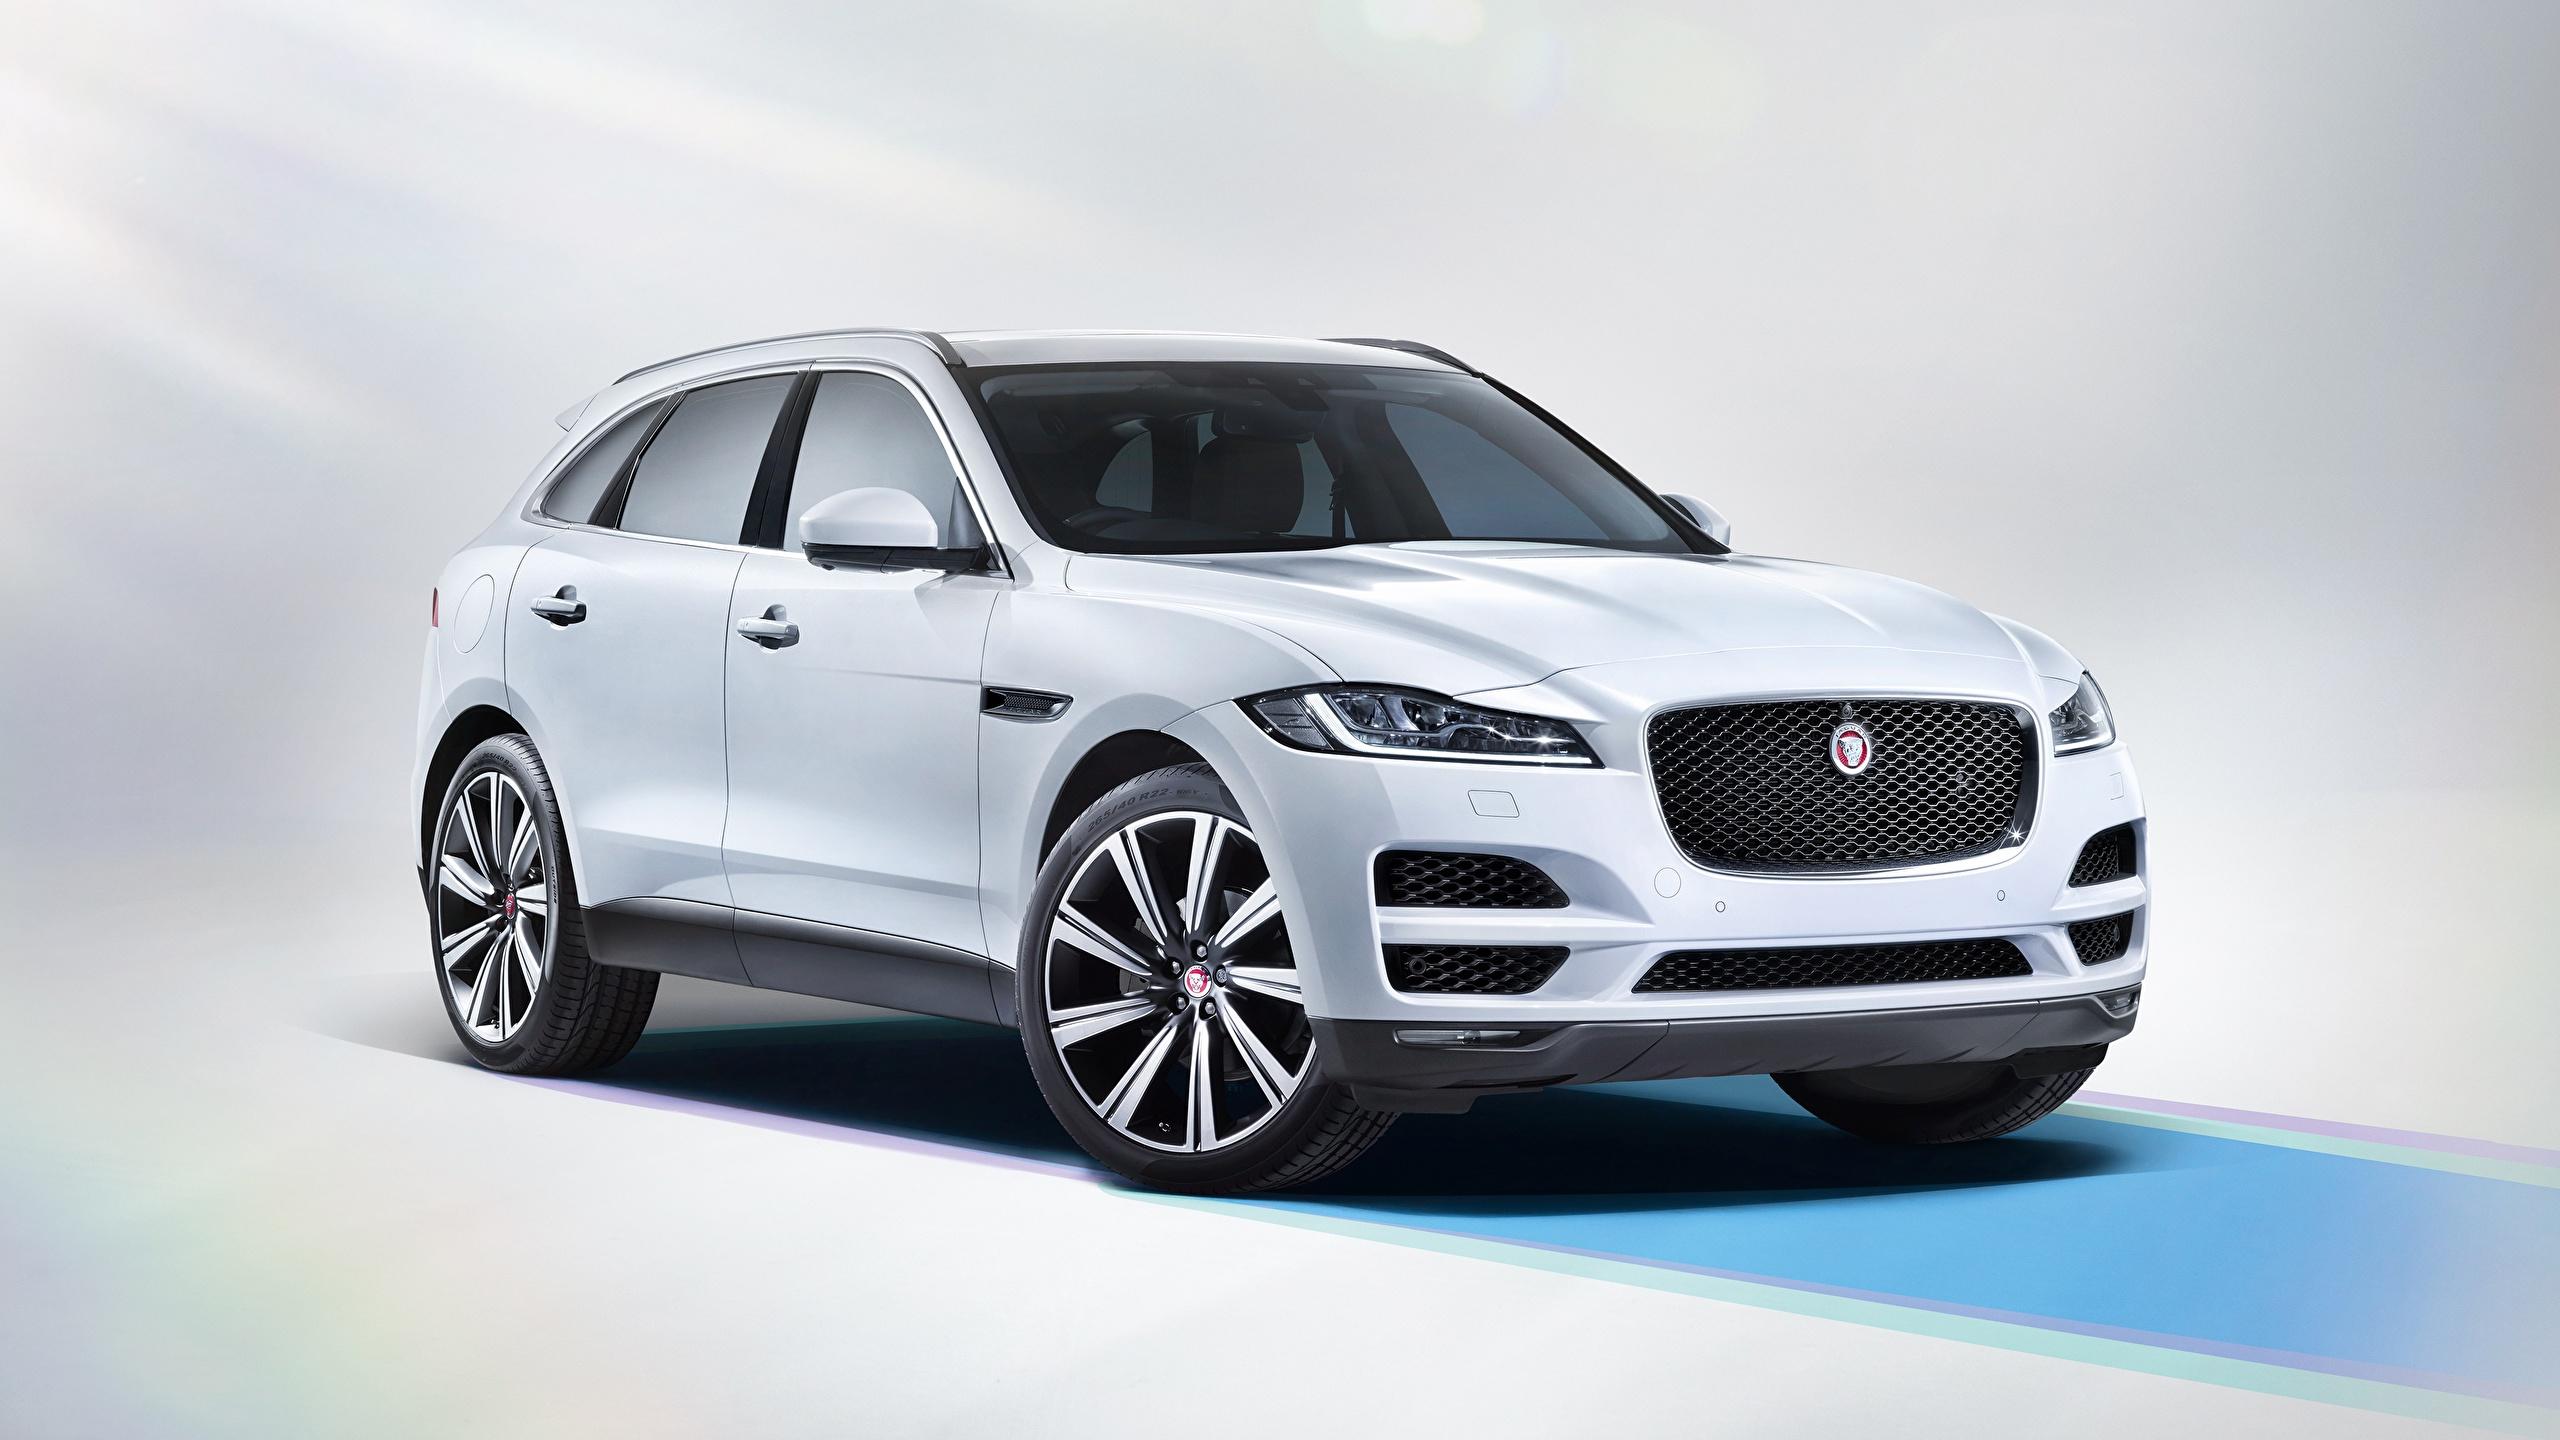 Фотографии Ягуар Кроссовер F-Pace, Portfolio 20d AWD, UK-spec, 2016 белые автомобиль 2560x1440 Jaguar CUV белая Белый белых авто машины машина Автомобили